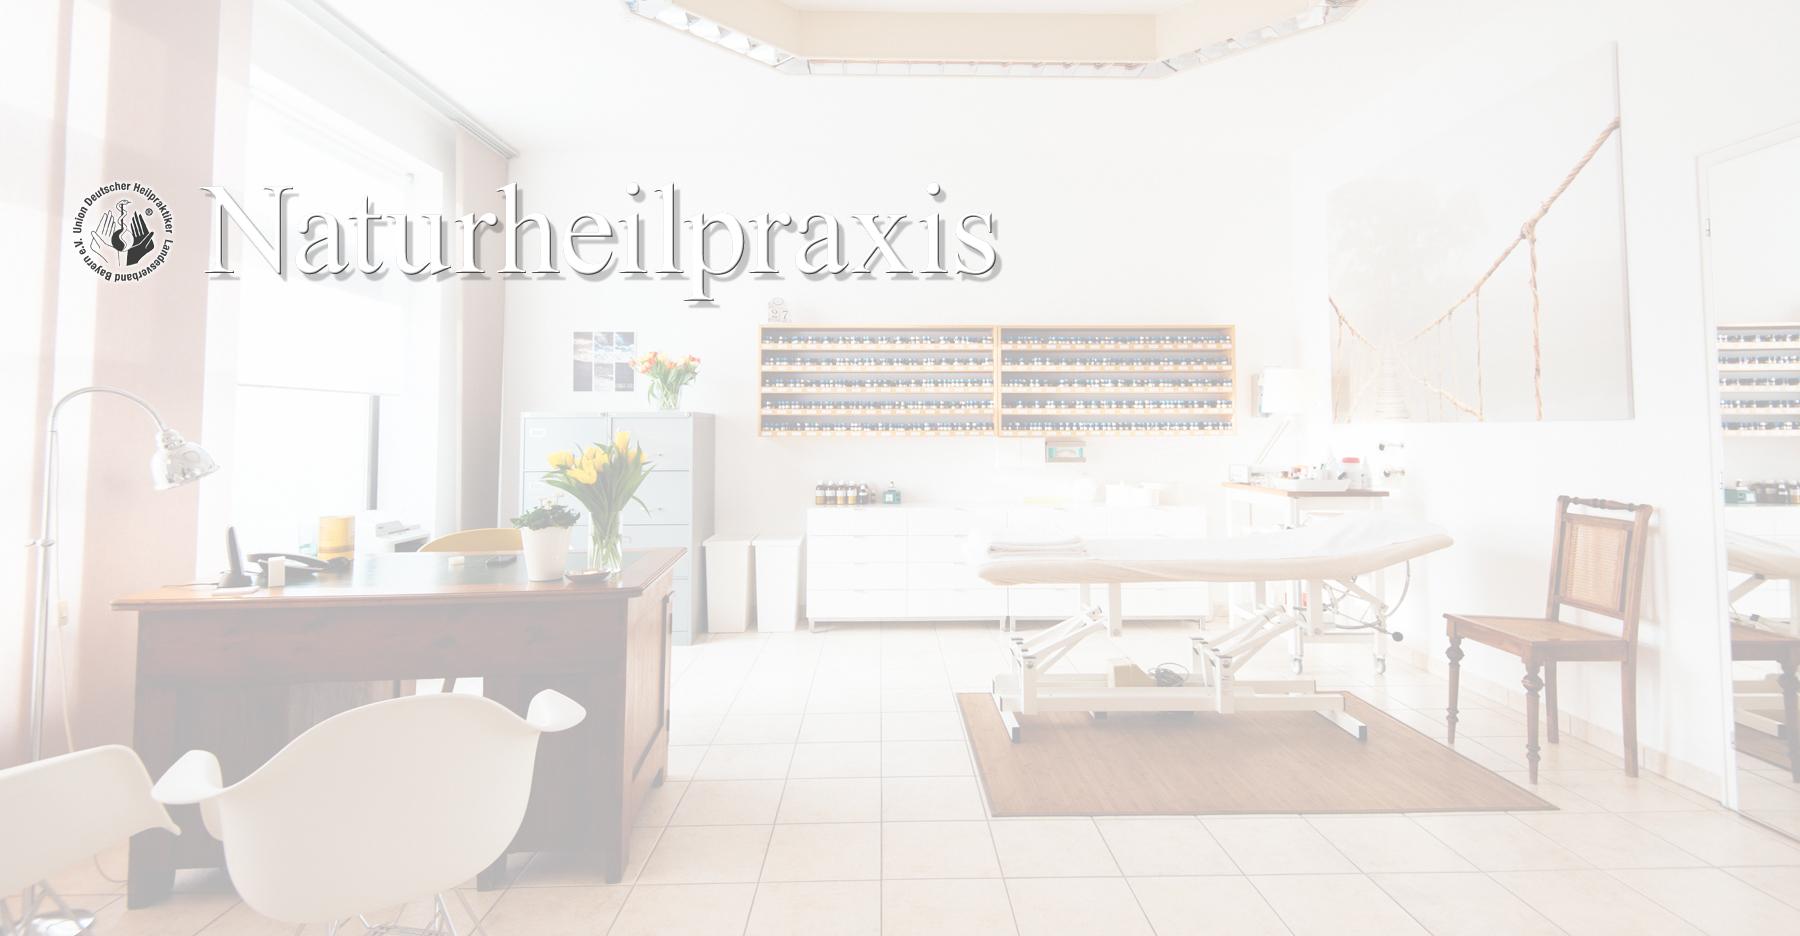 Naturheilpraxis_Pattberg_Herrsching_hell_links